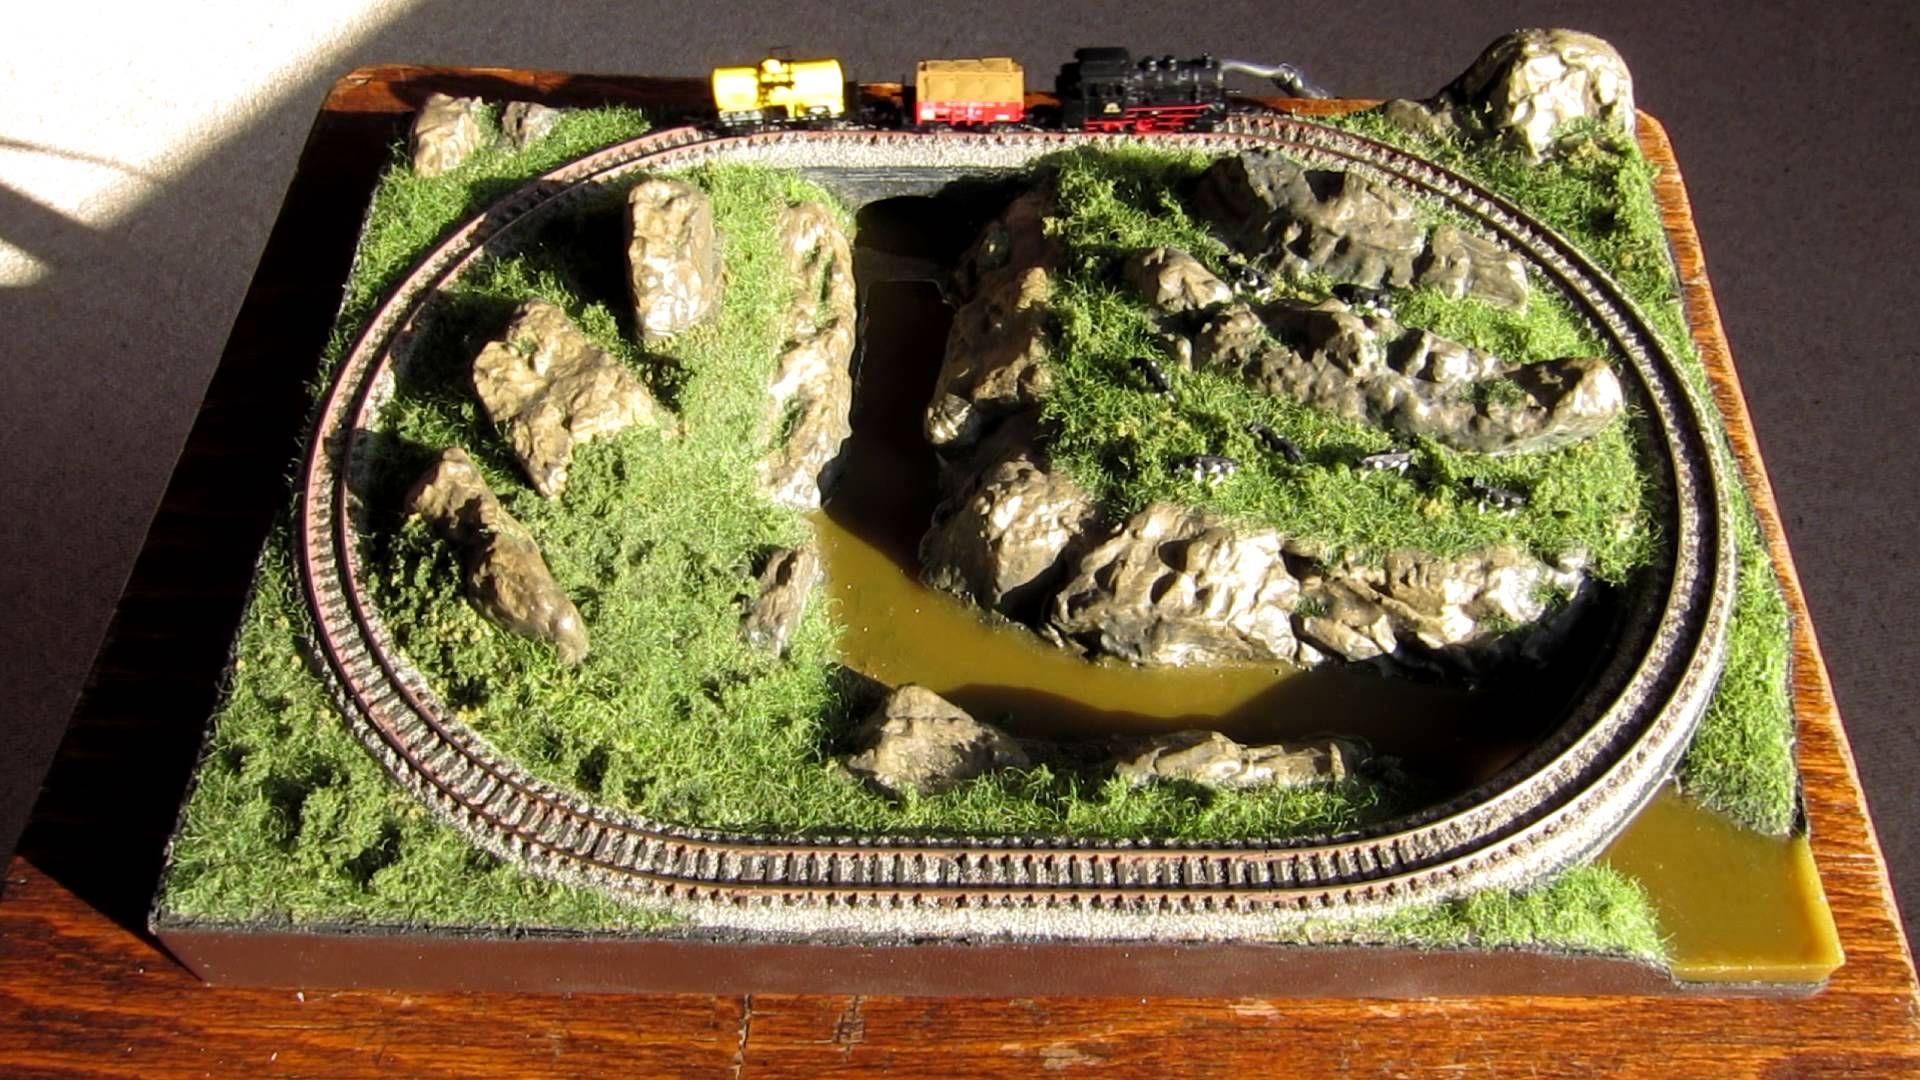 Rokuhan Spur Z Modelleisenbahnanlage A4 Rokuhan Z Scale Model Train La Modelleisenbahn Anordnung Marklin Gleisplan Modelleisenbahnanlagen